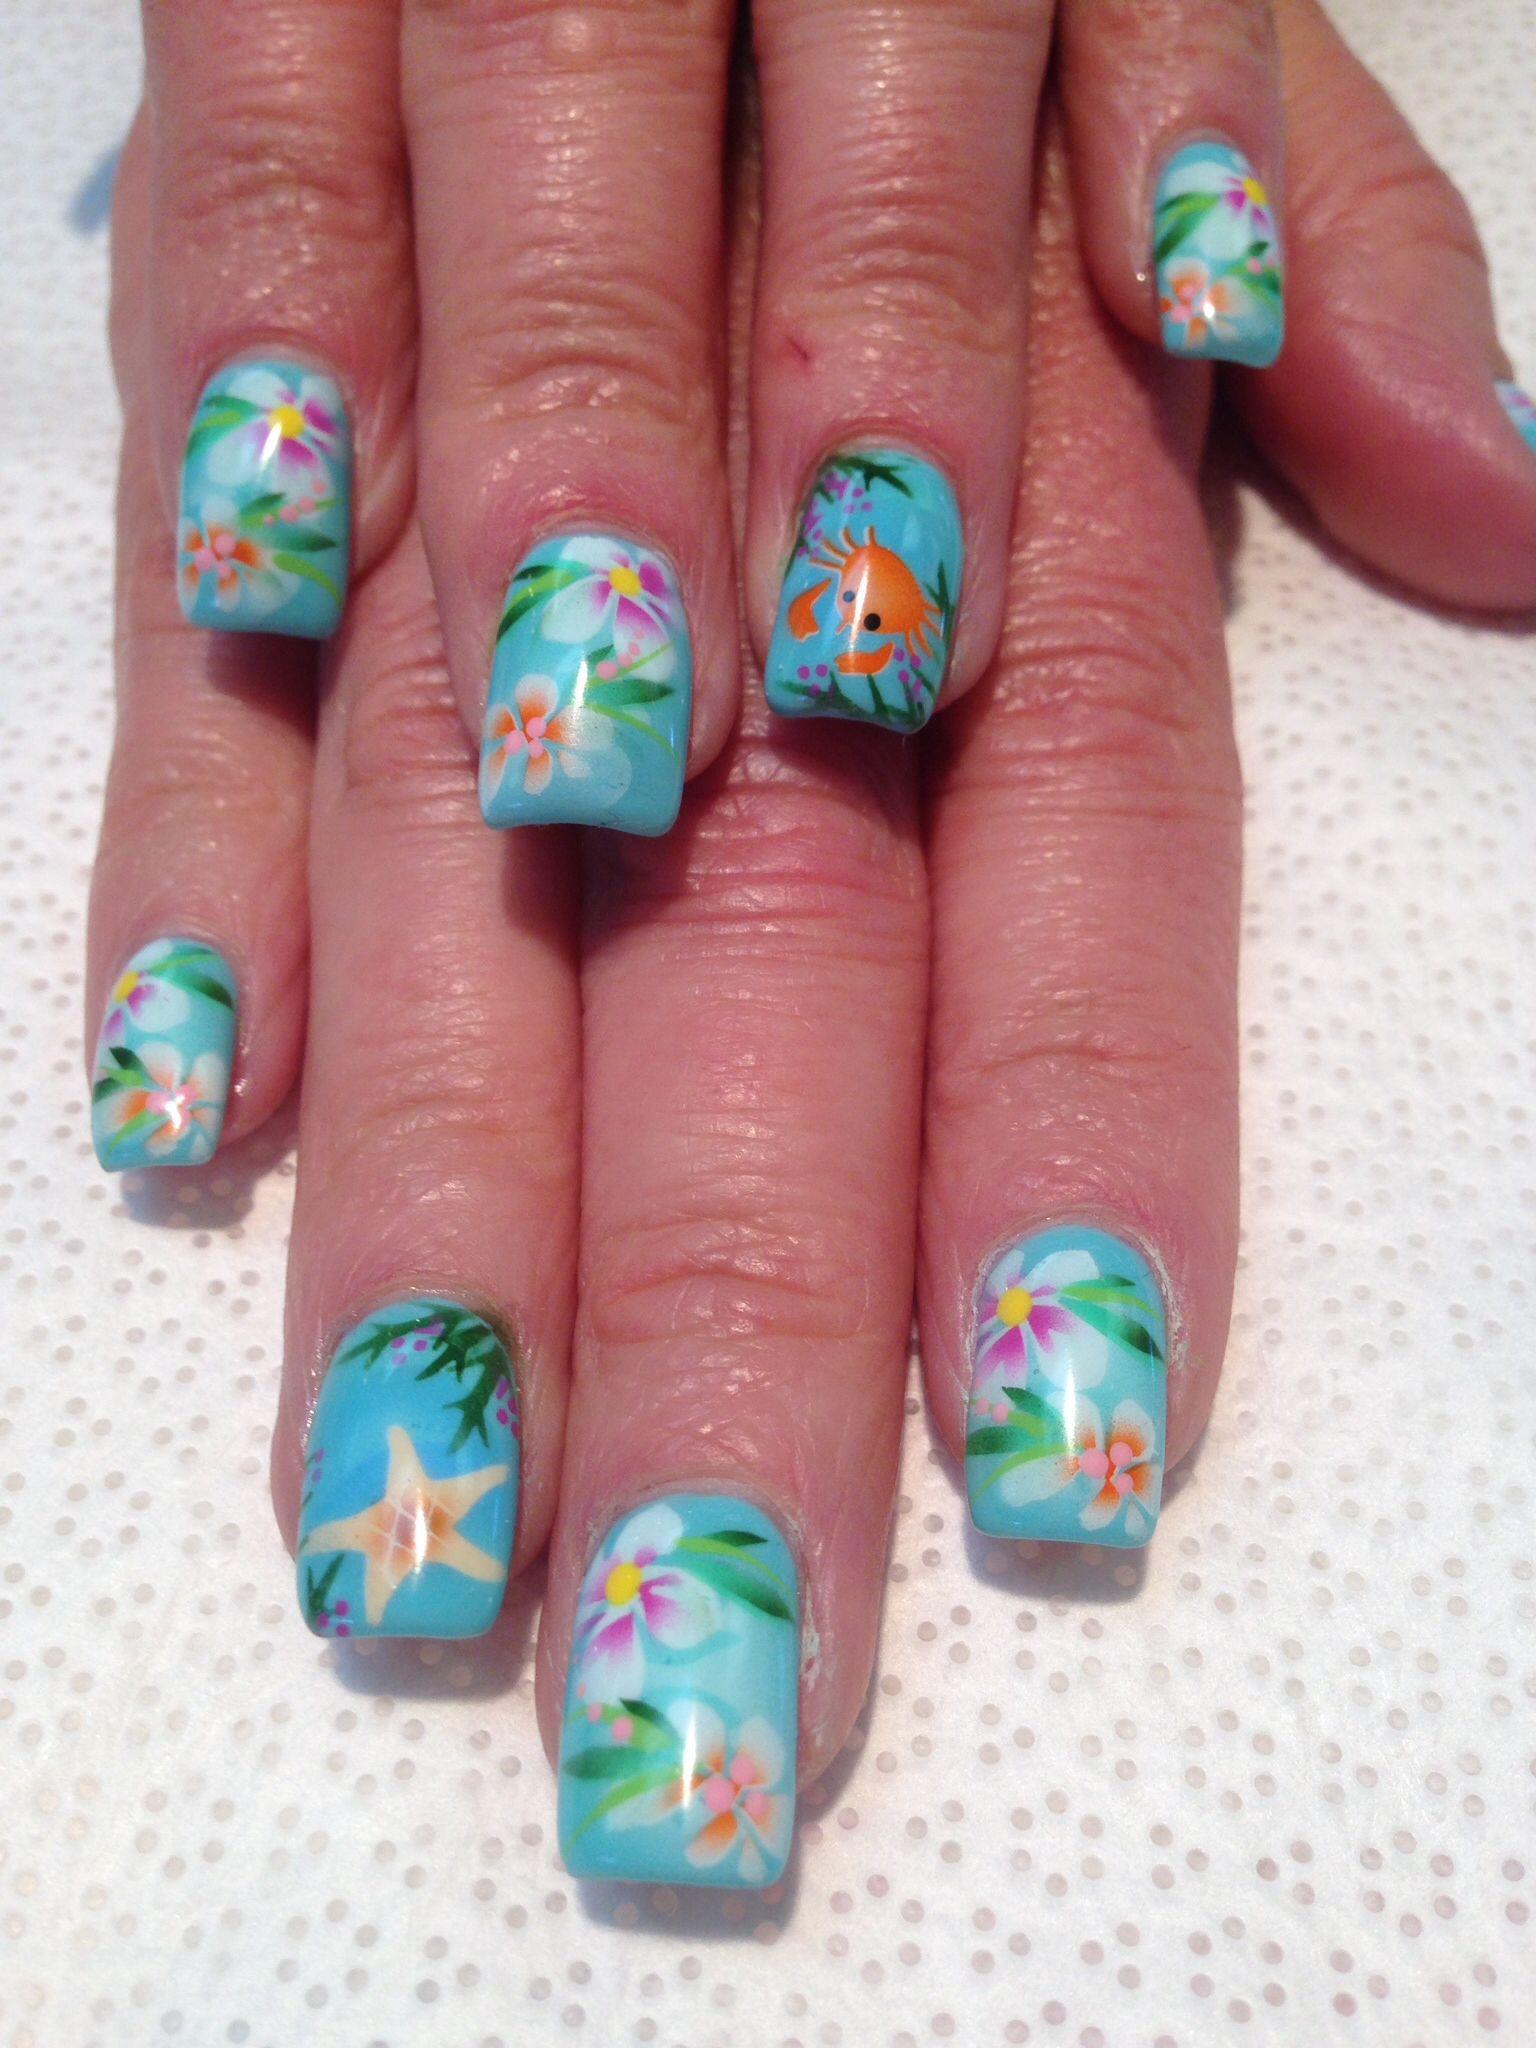 Airbrush nail art. Summer tropical nails - Airbrush Nail Art. Summer Tropical Nails ~Nails~ Pinterest